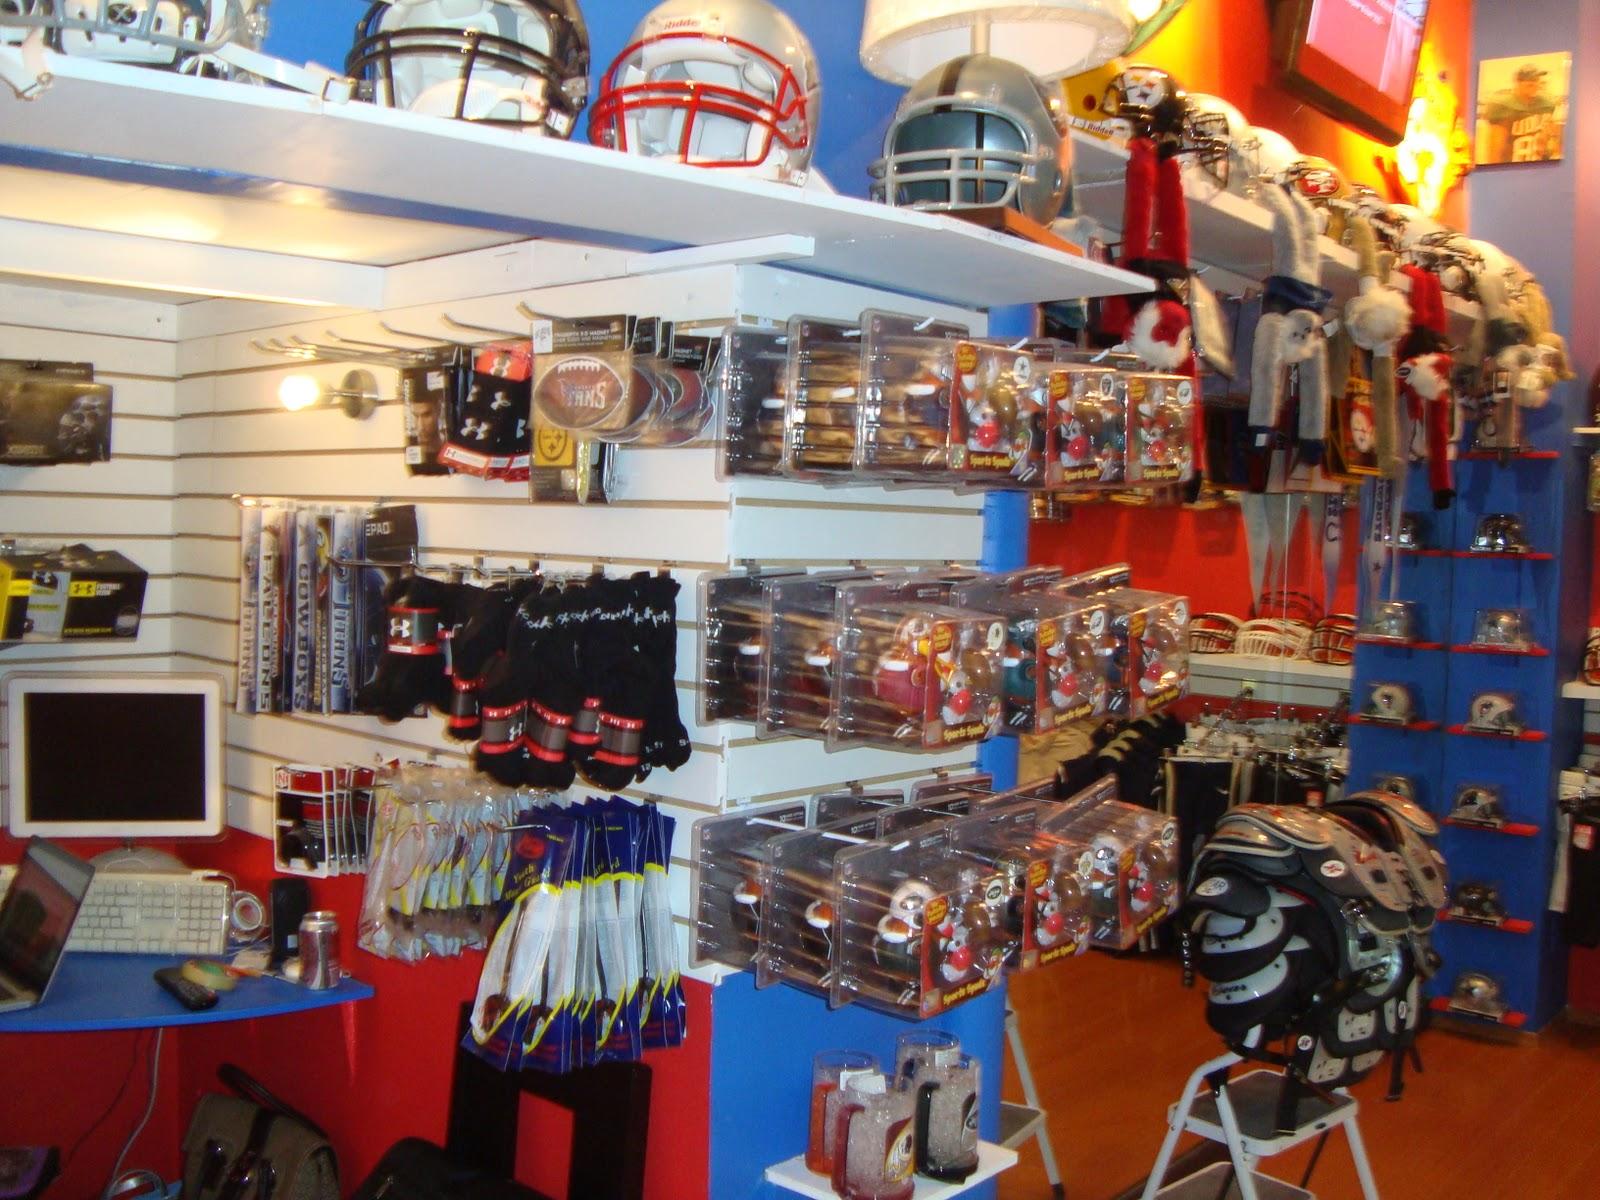 bde1c8ee30c5f La tienda contara para el 2012 con clinicas para fomentar el futbol  americano y tendremos a ex jugadores de la NFL y de la NFL Europa.